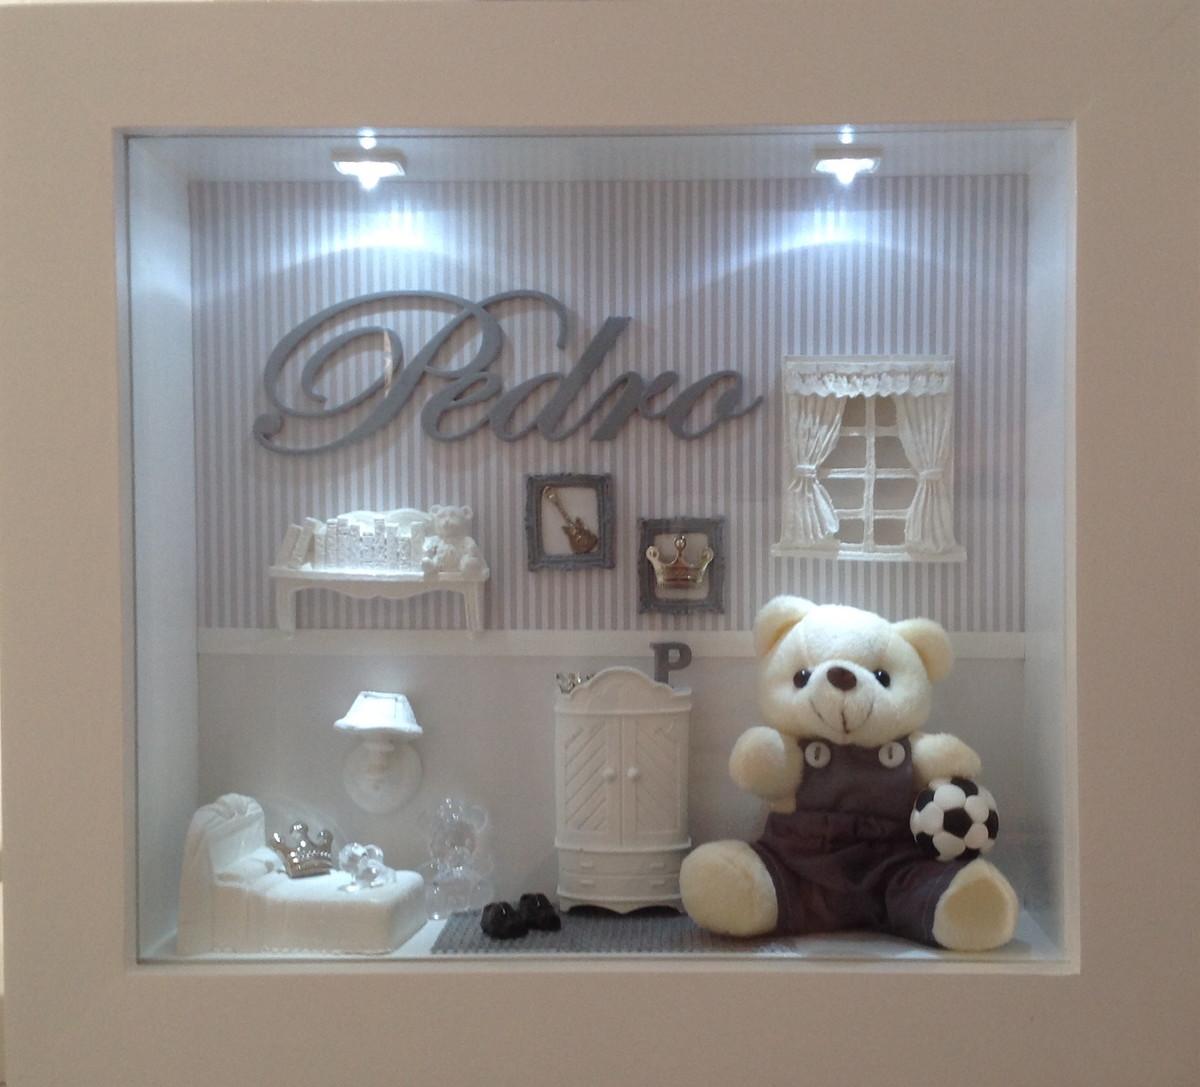 Enfeite De Vidro ~ Enfeite Cenário de Maternidade Quadro Decoraç u00e3o Infantil no Elo7 Atelier Sophie Prove